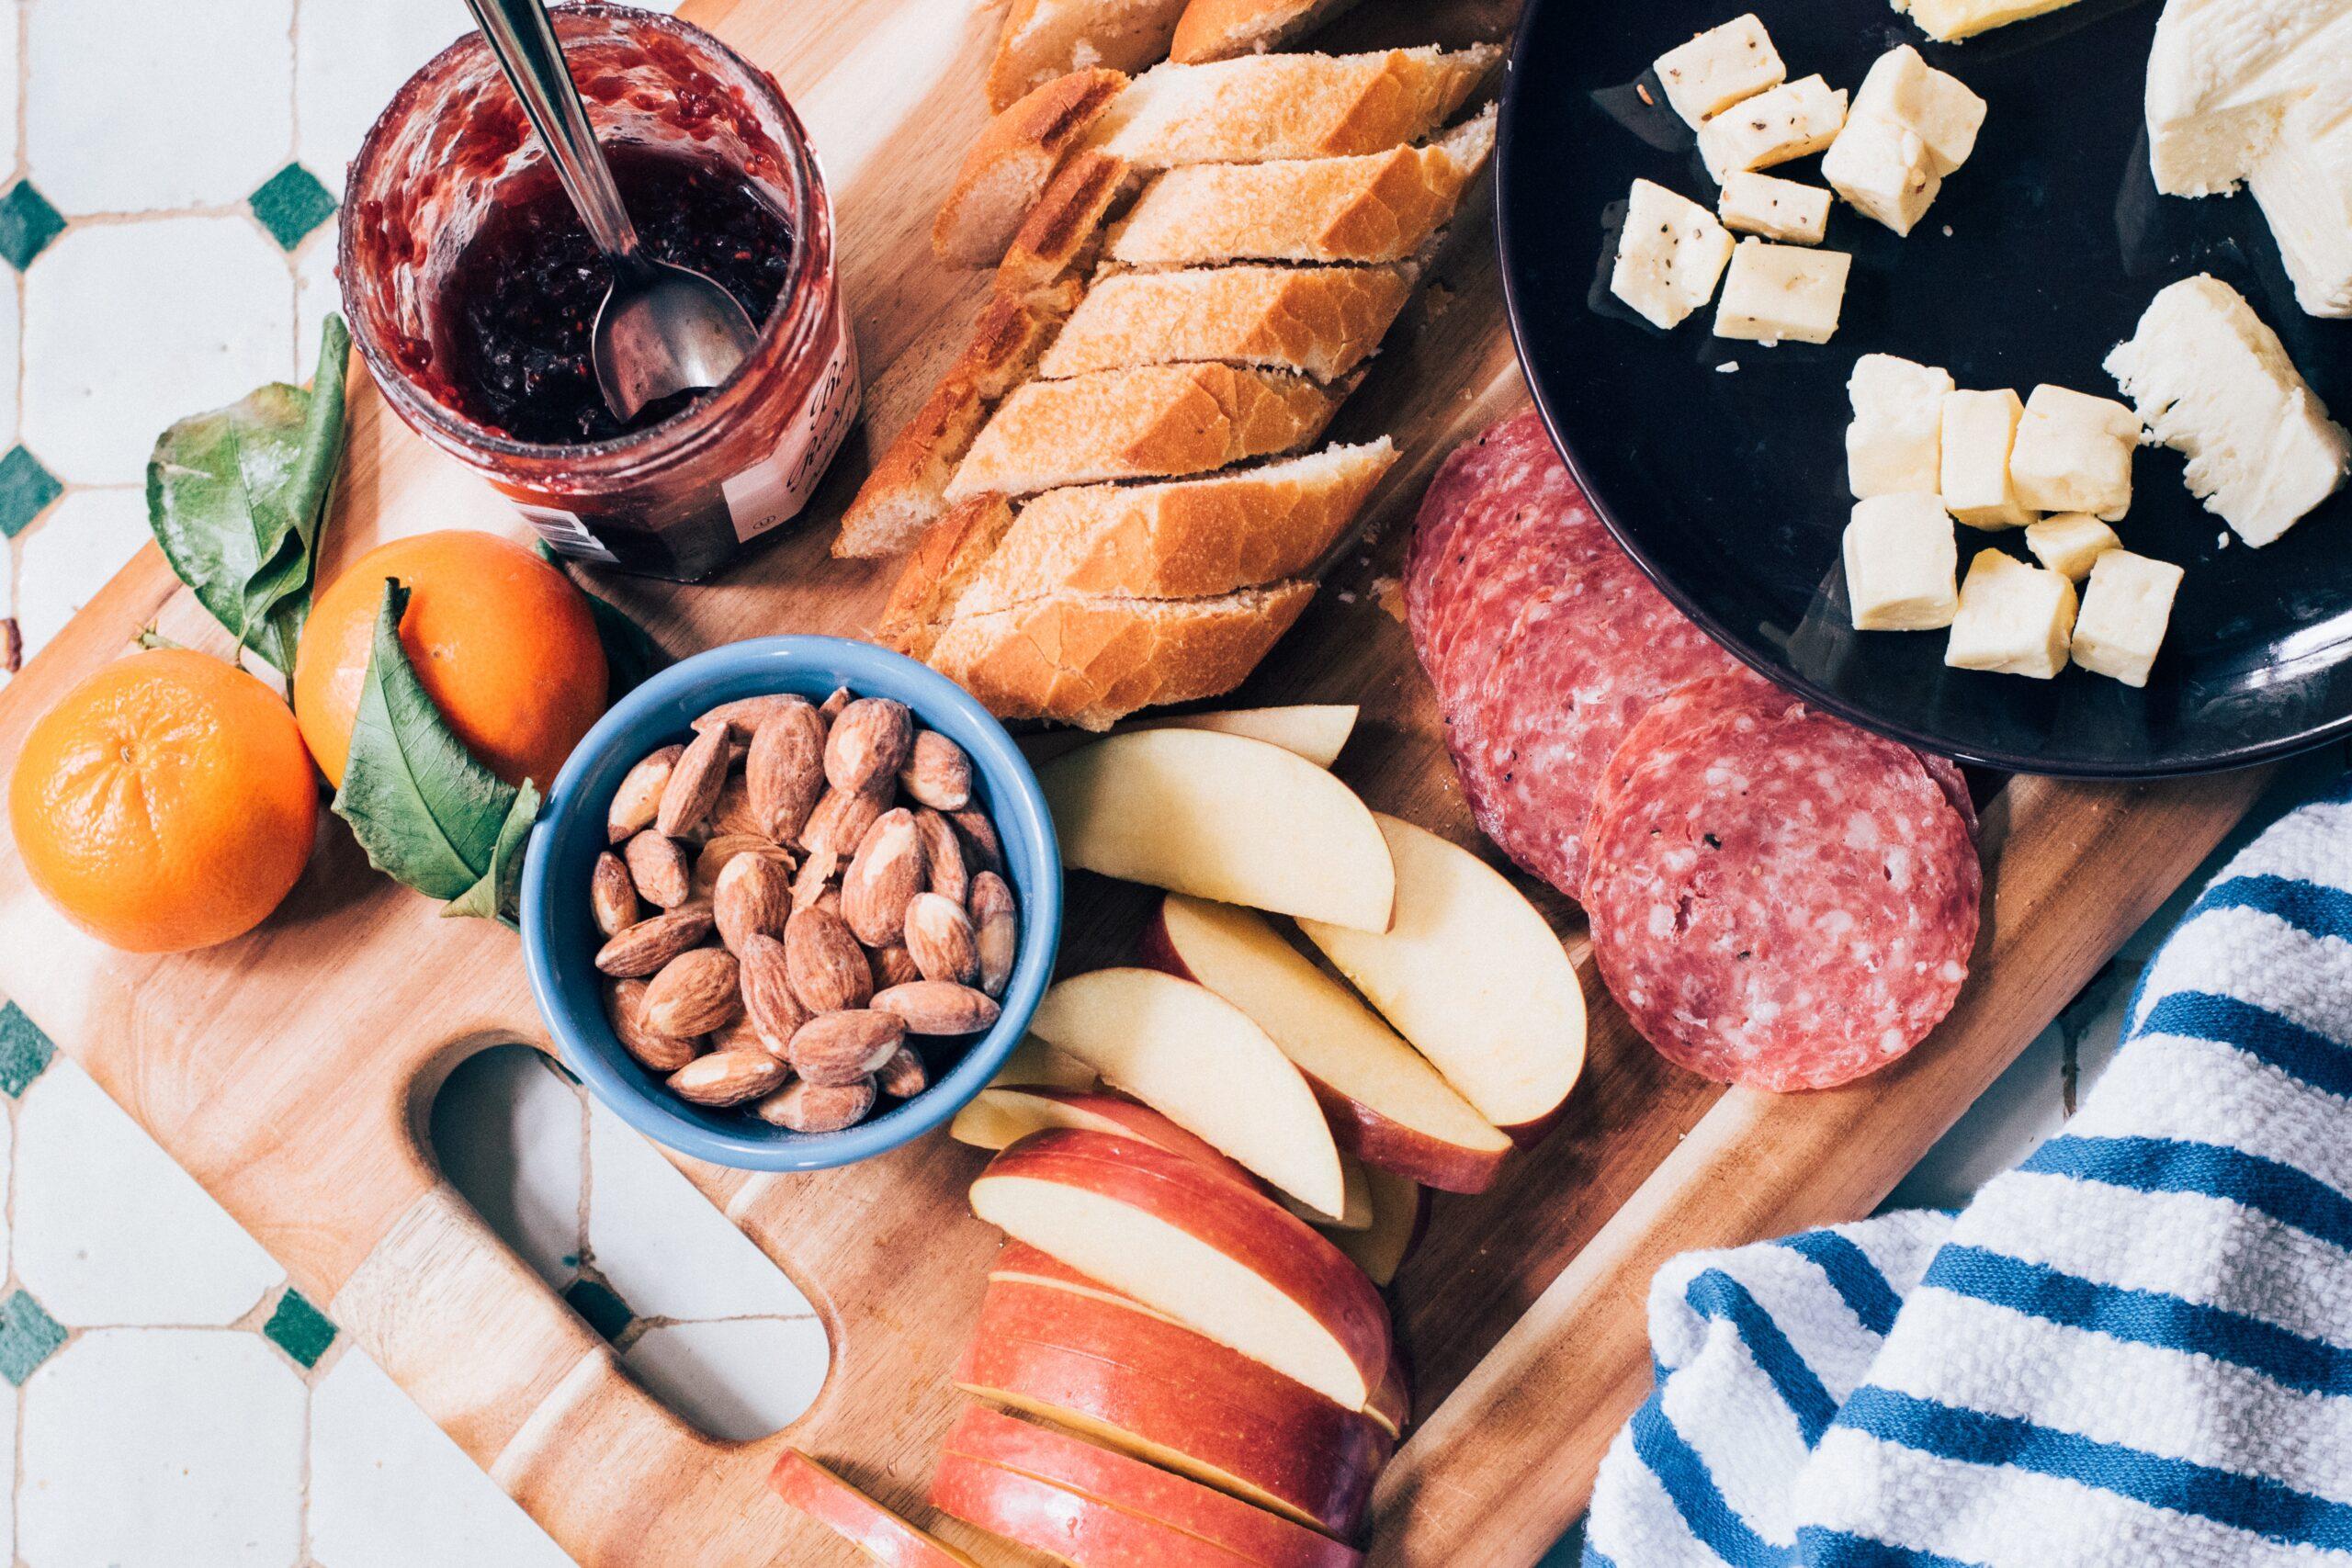 snacks board